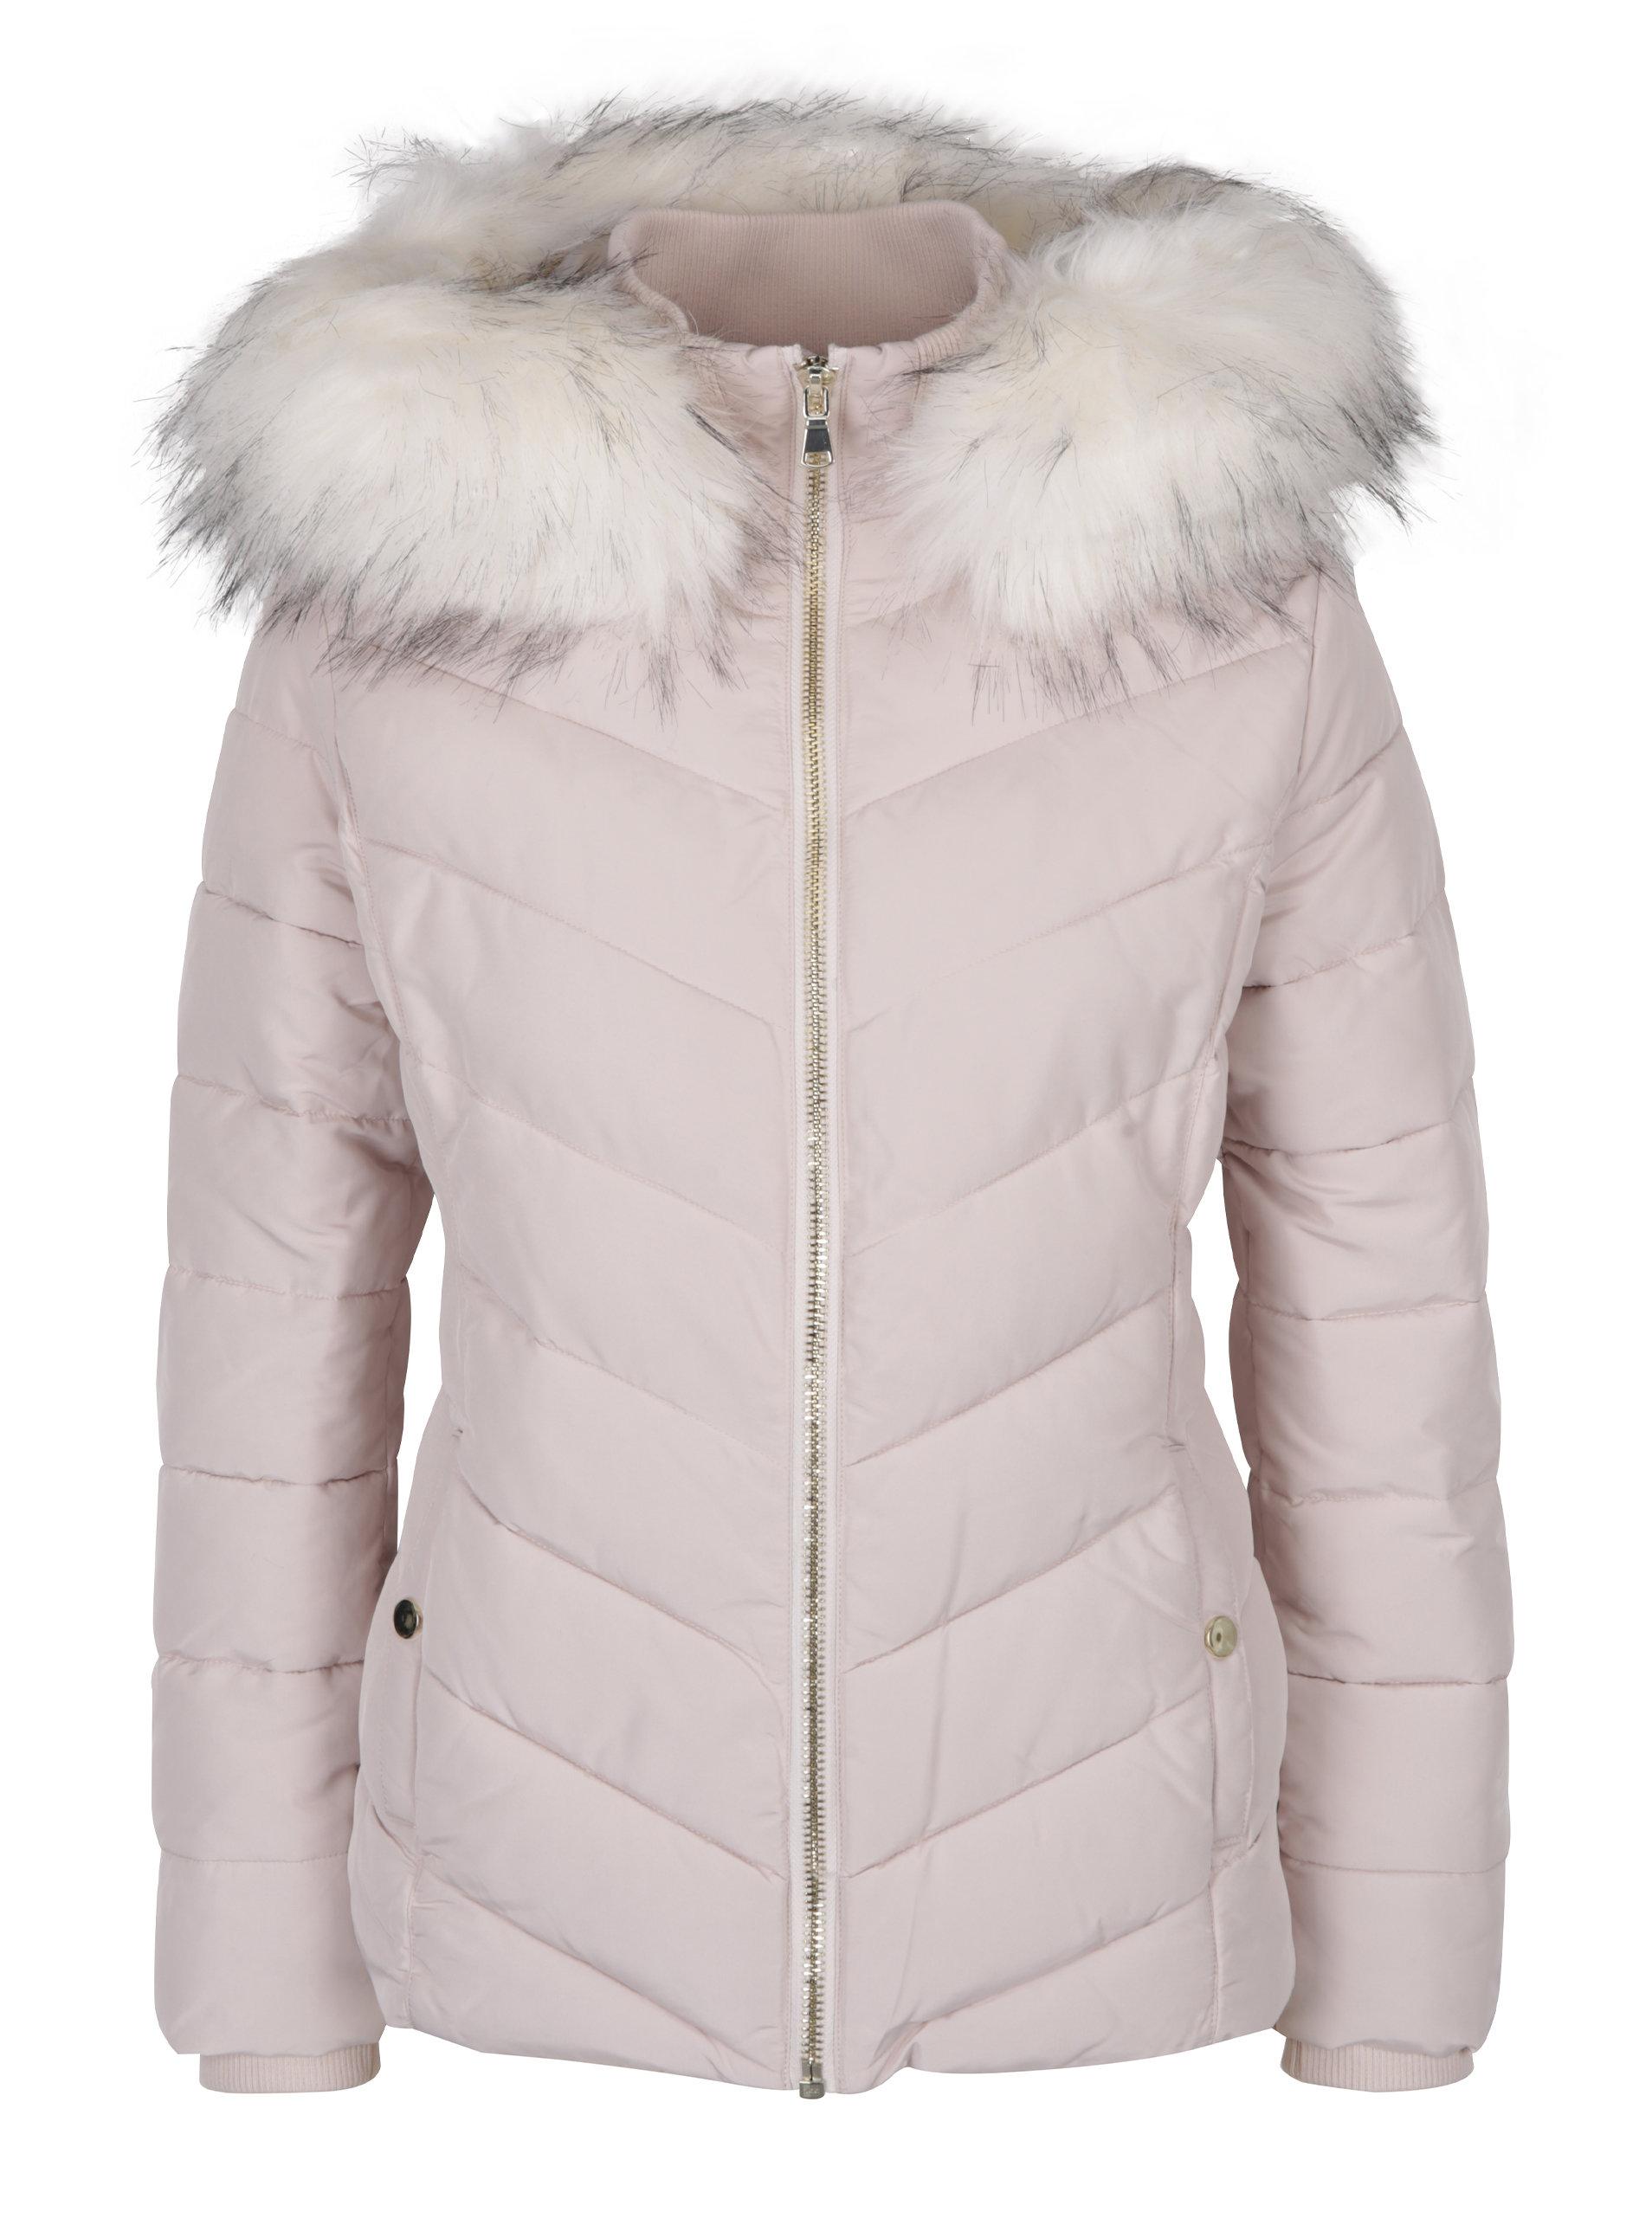 356df8a2a13e Staroružová prešívaná bunda s umelou kožušinkou Miss Selfridge ...